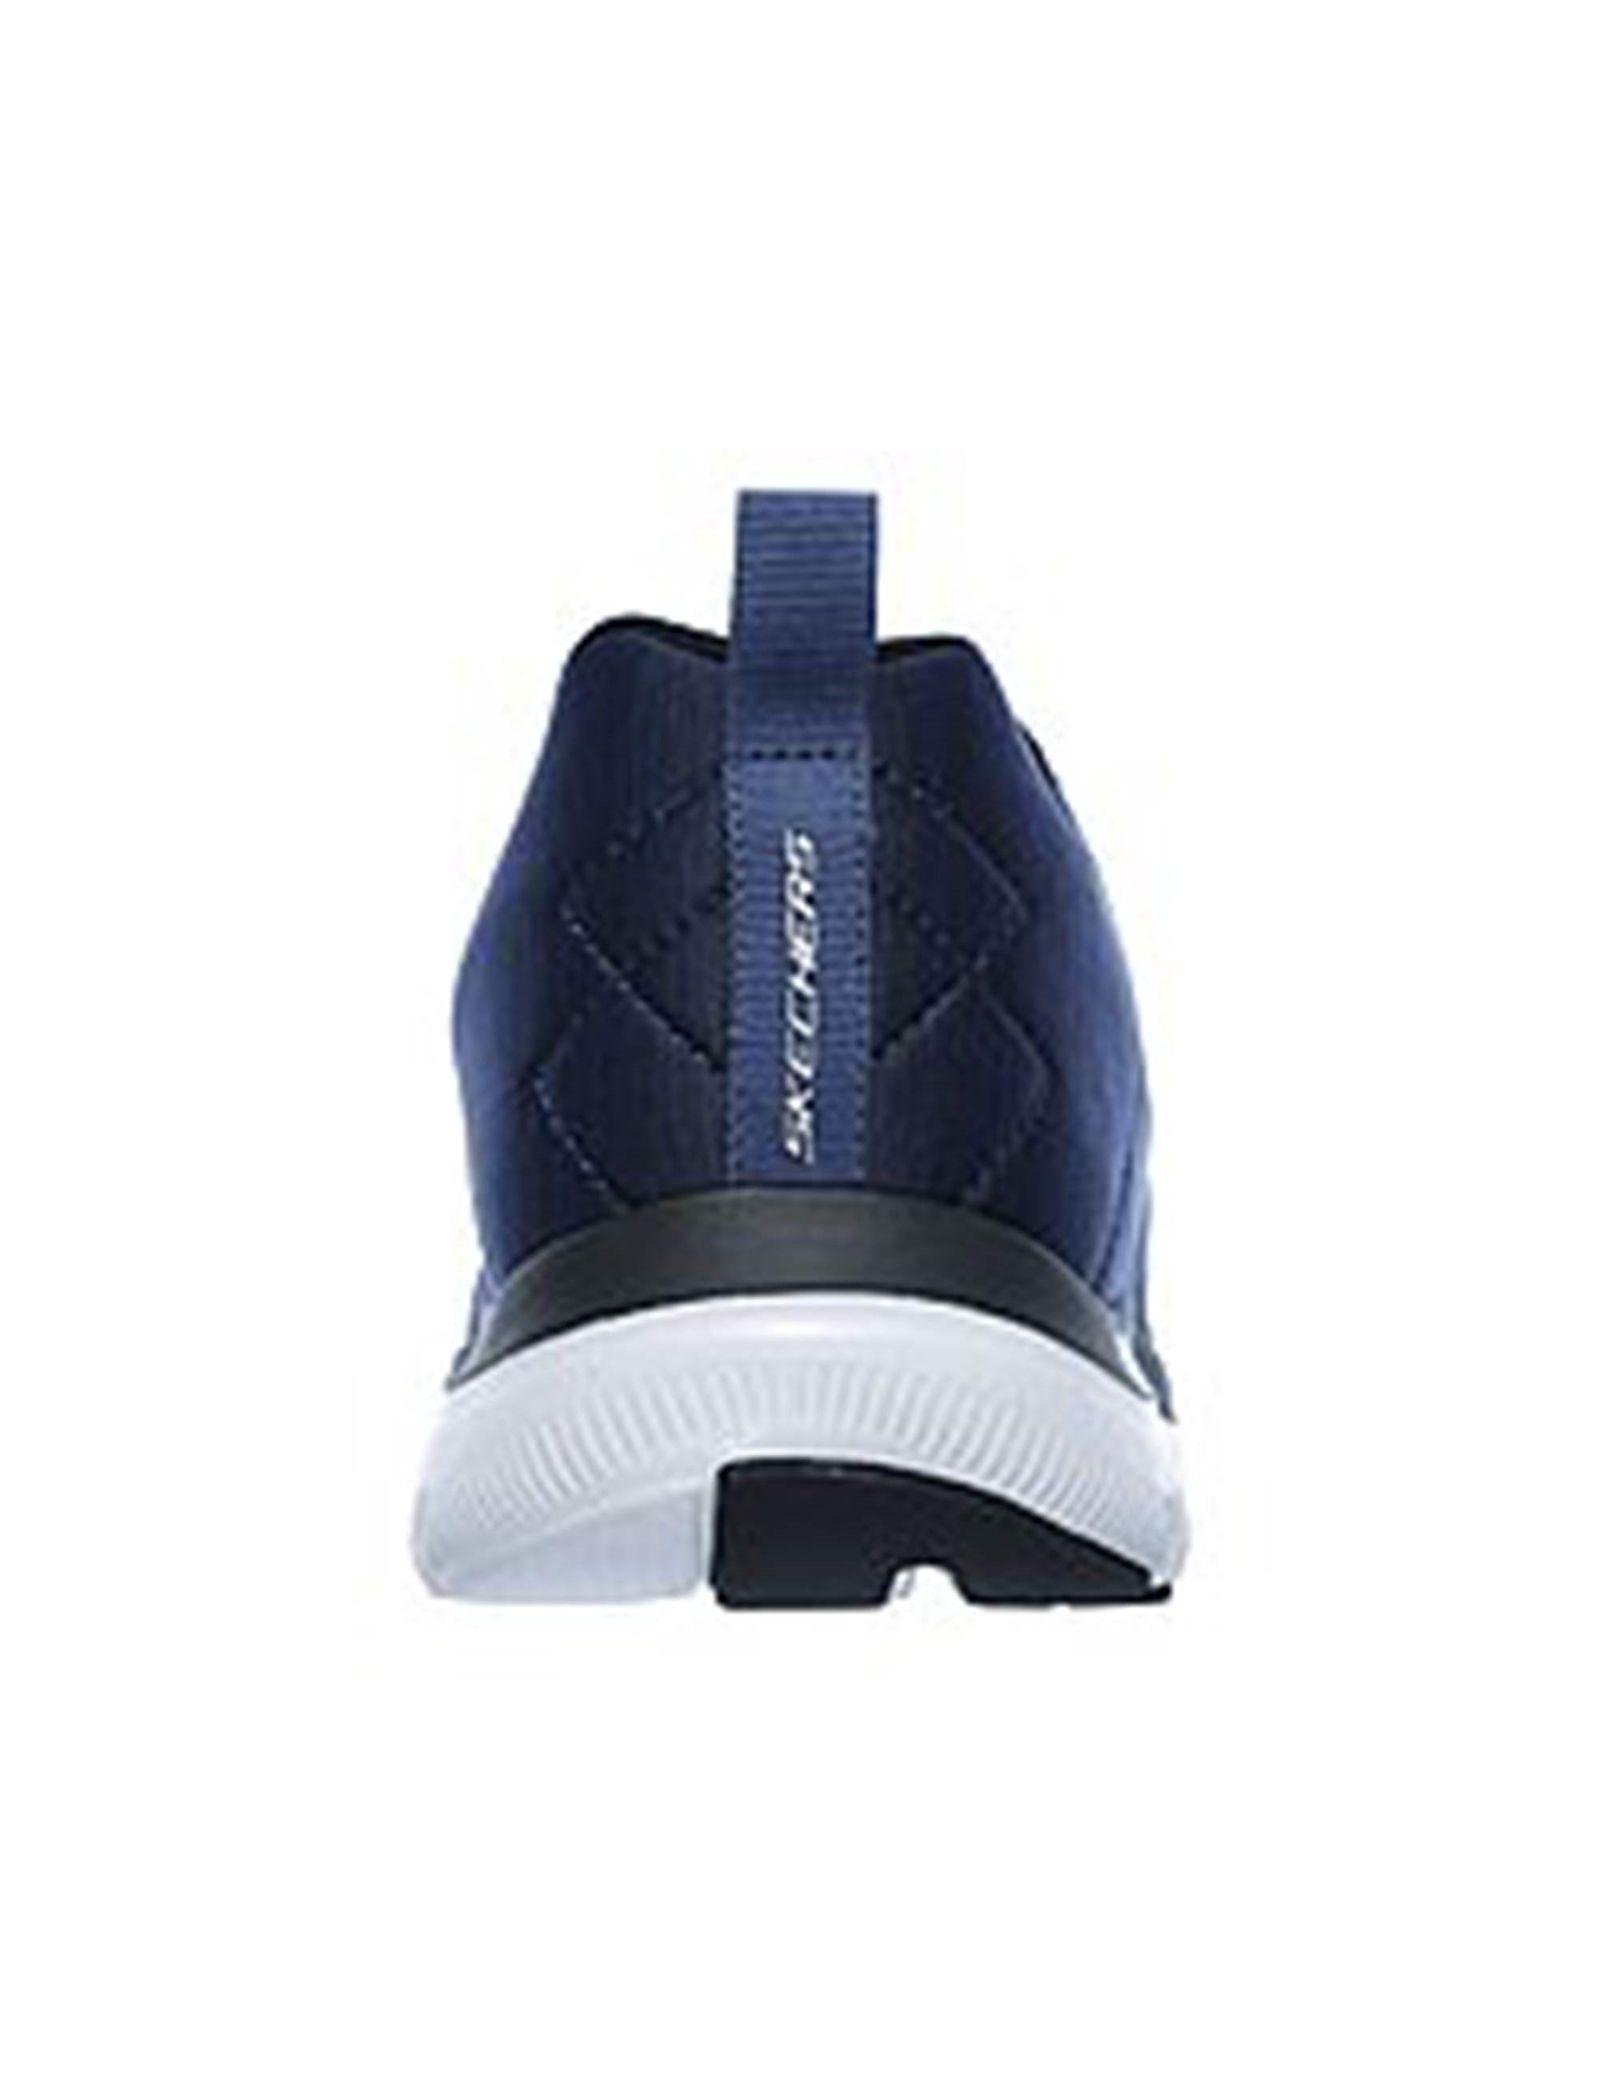 کفش تمرین بندی مردانه Flex Advantage 2-0 Chillston - اسکچرز - سرمه اي - 5